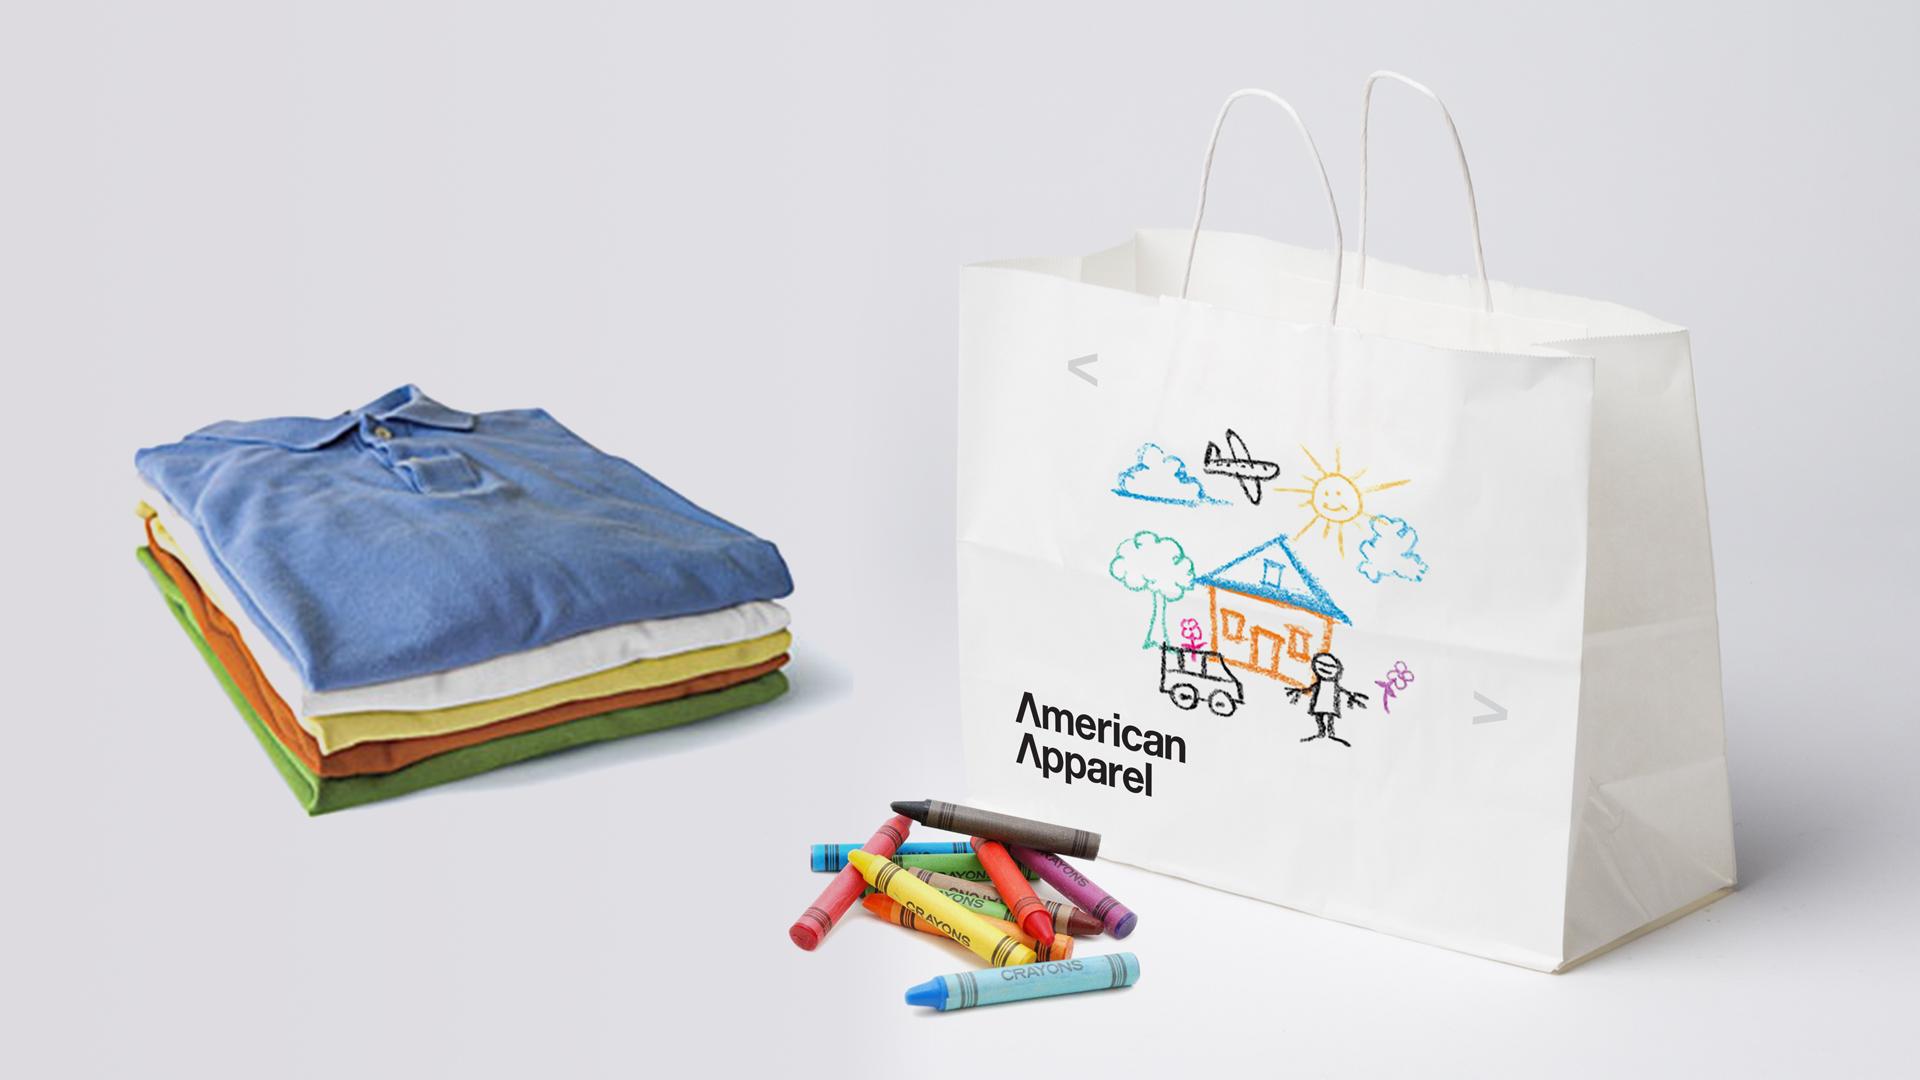 crayon-on-bag-+-cloth.jpg